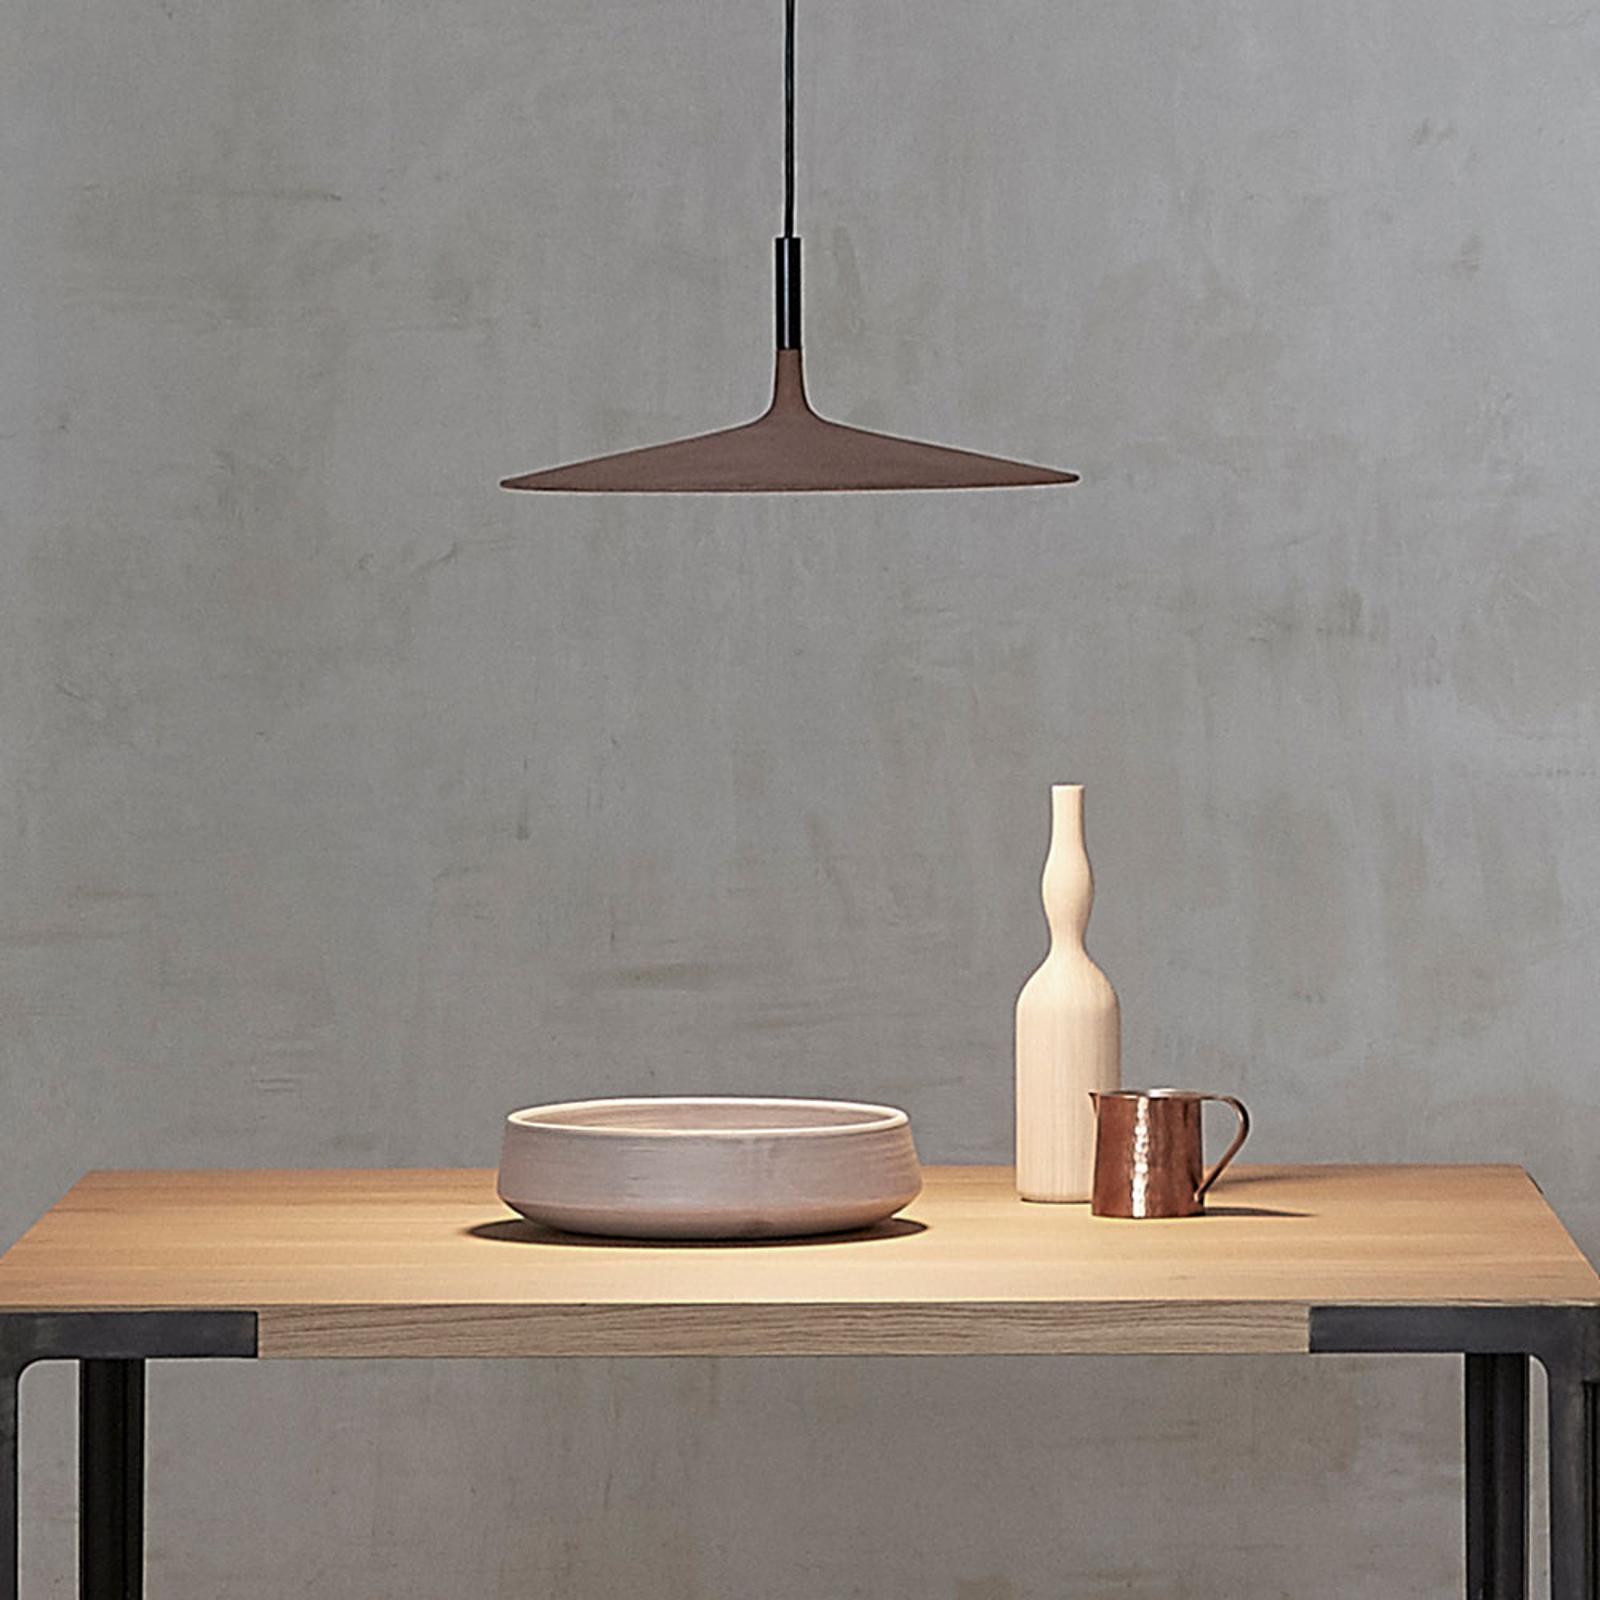 Foscarini Aplomb Large LED-hengelampe, grå